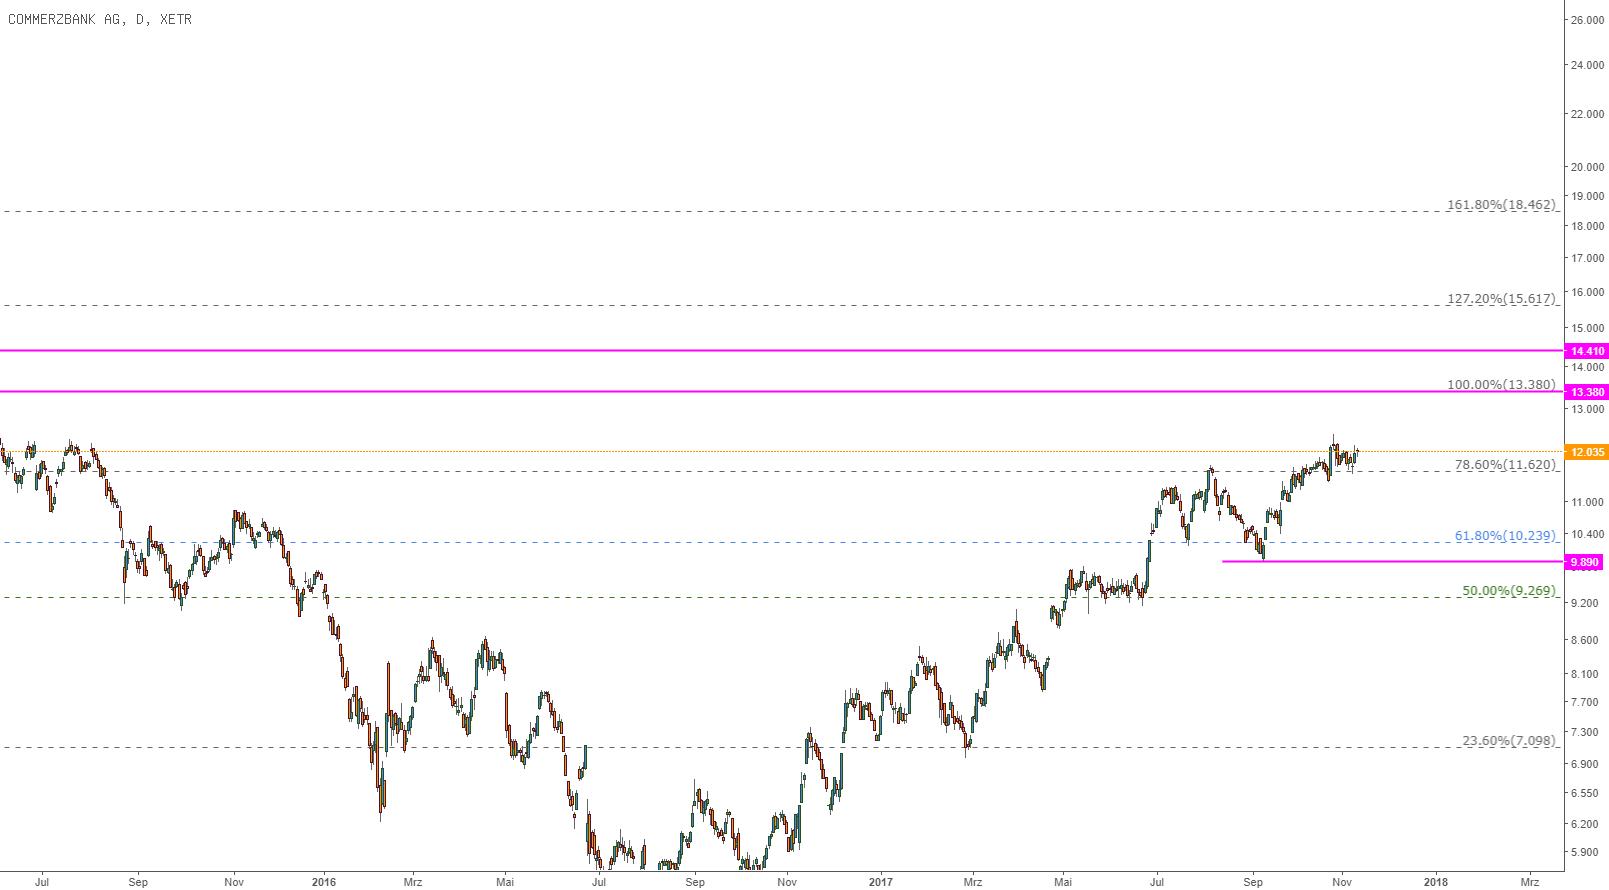 Commerzbank bleibt straight im Rallyodus